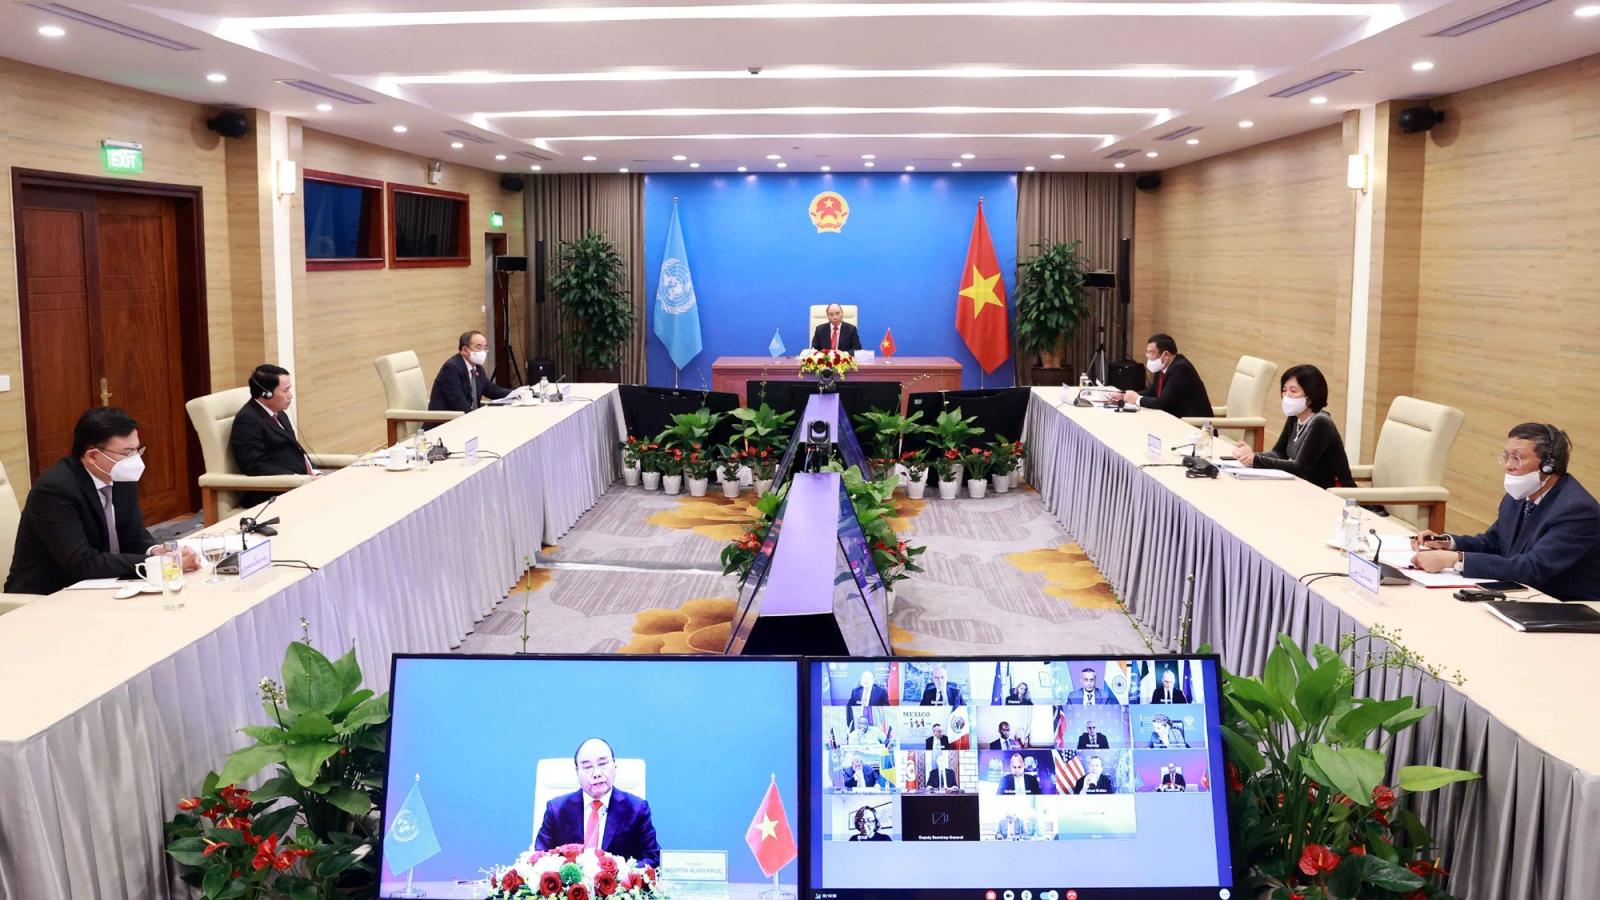 Chủ tịch nước đề xuất nhiều giải pháp giải quyết các thách thức tại châu Phi